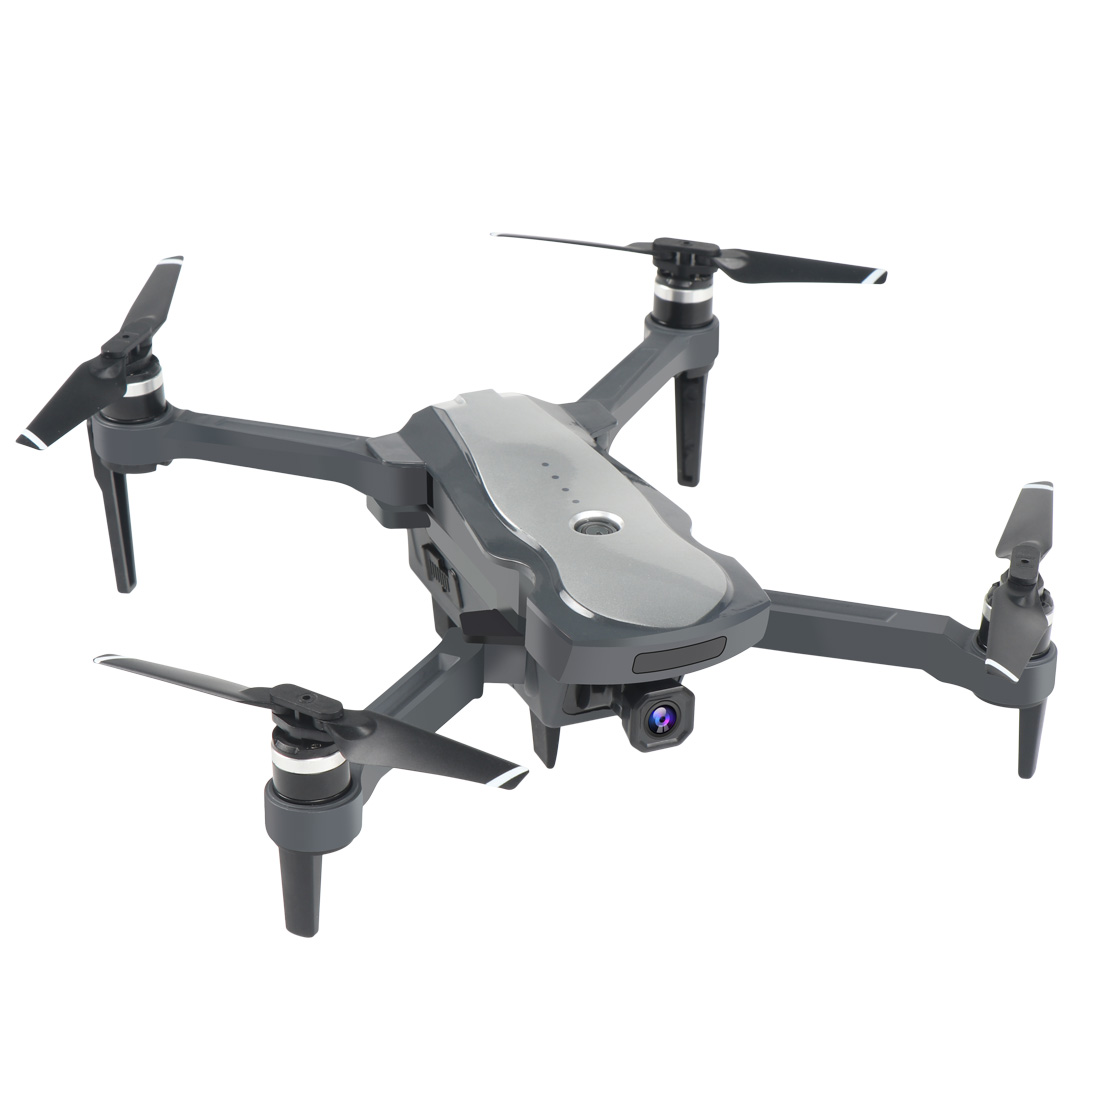 Feichao K20 moteur sans brosse 5G GPS Drone avec 4K HD double caméra professionnel pliable quadrirotor 1800M RC Distance jouet